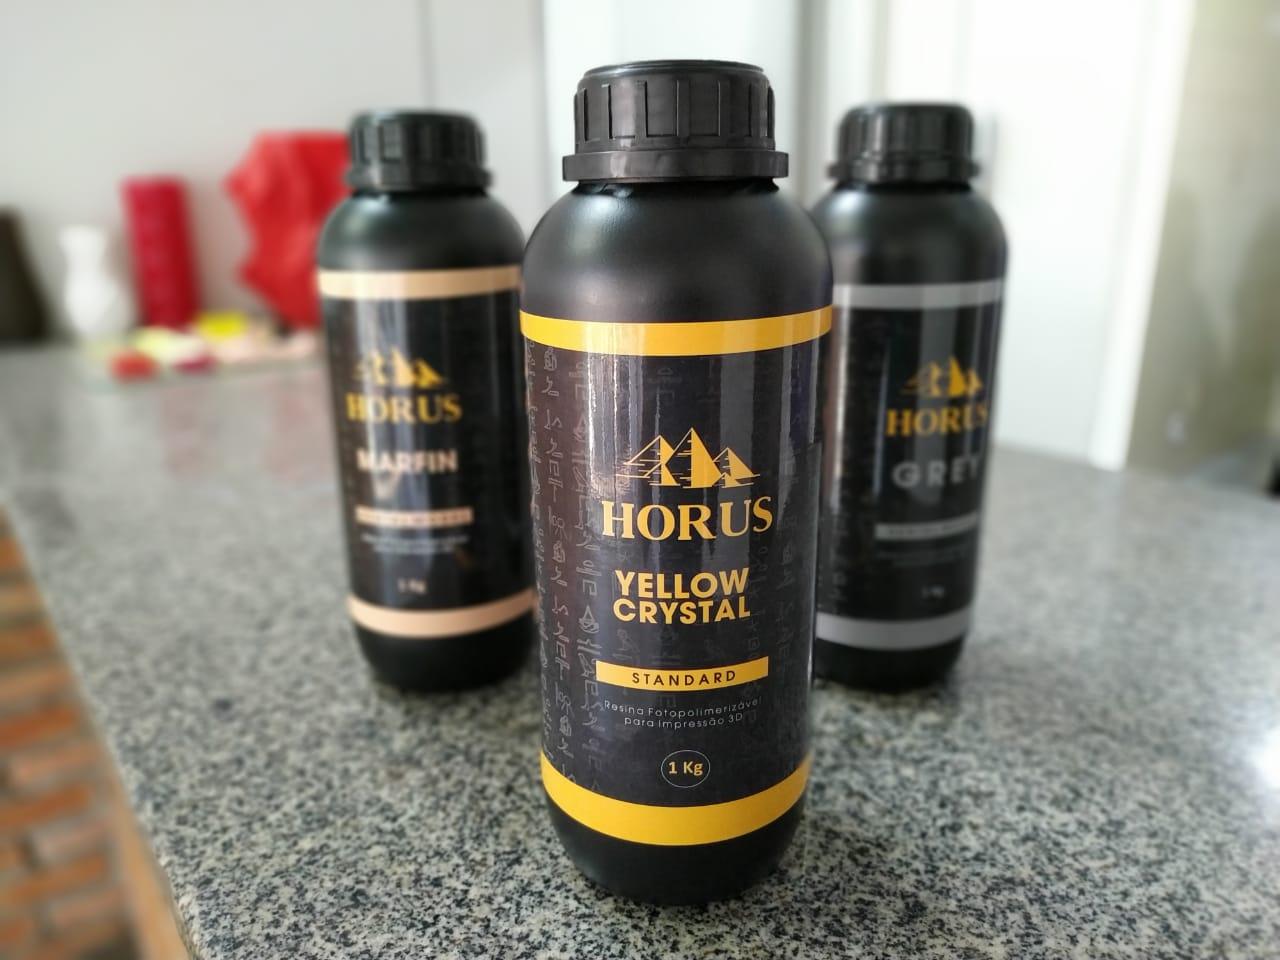 Resina Padrão para Prototipagem - Horus - Yellow Crystal Standard de 1 Litro